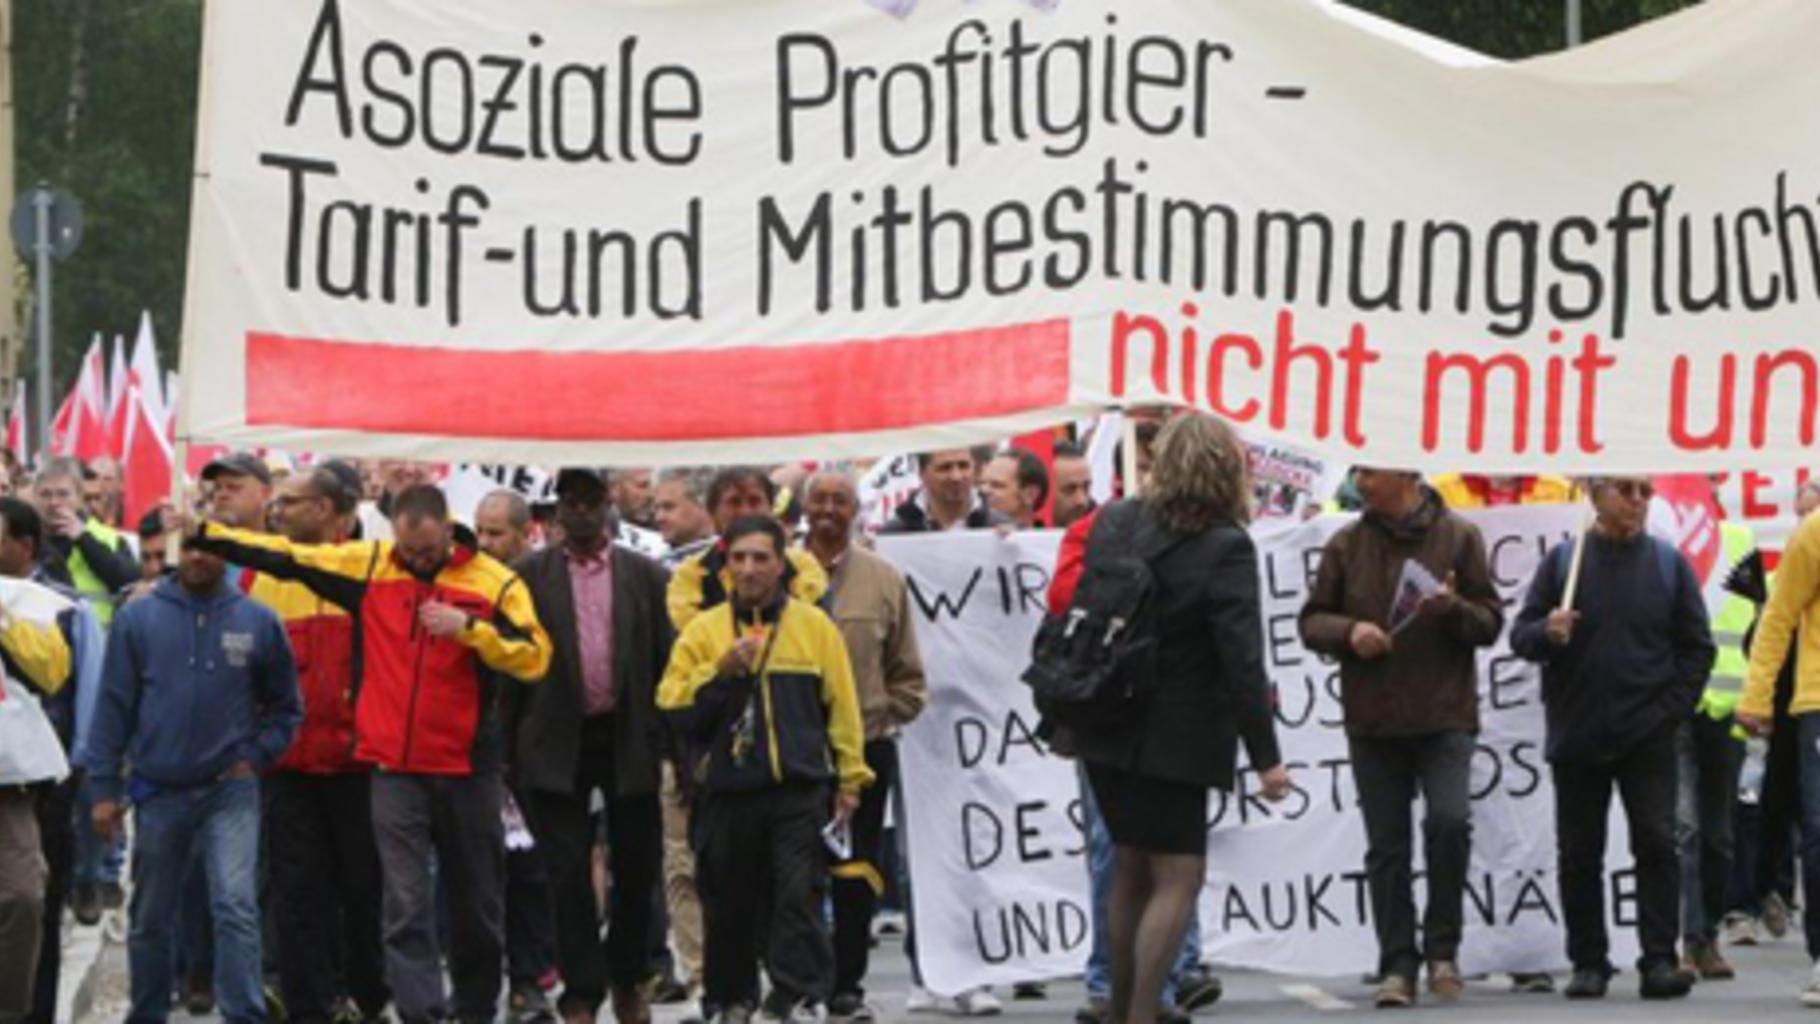 Frankfurt-Höchst: Postbeschäftigte auf dem Weg zur Kundgebung © Frank Rumpenhors